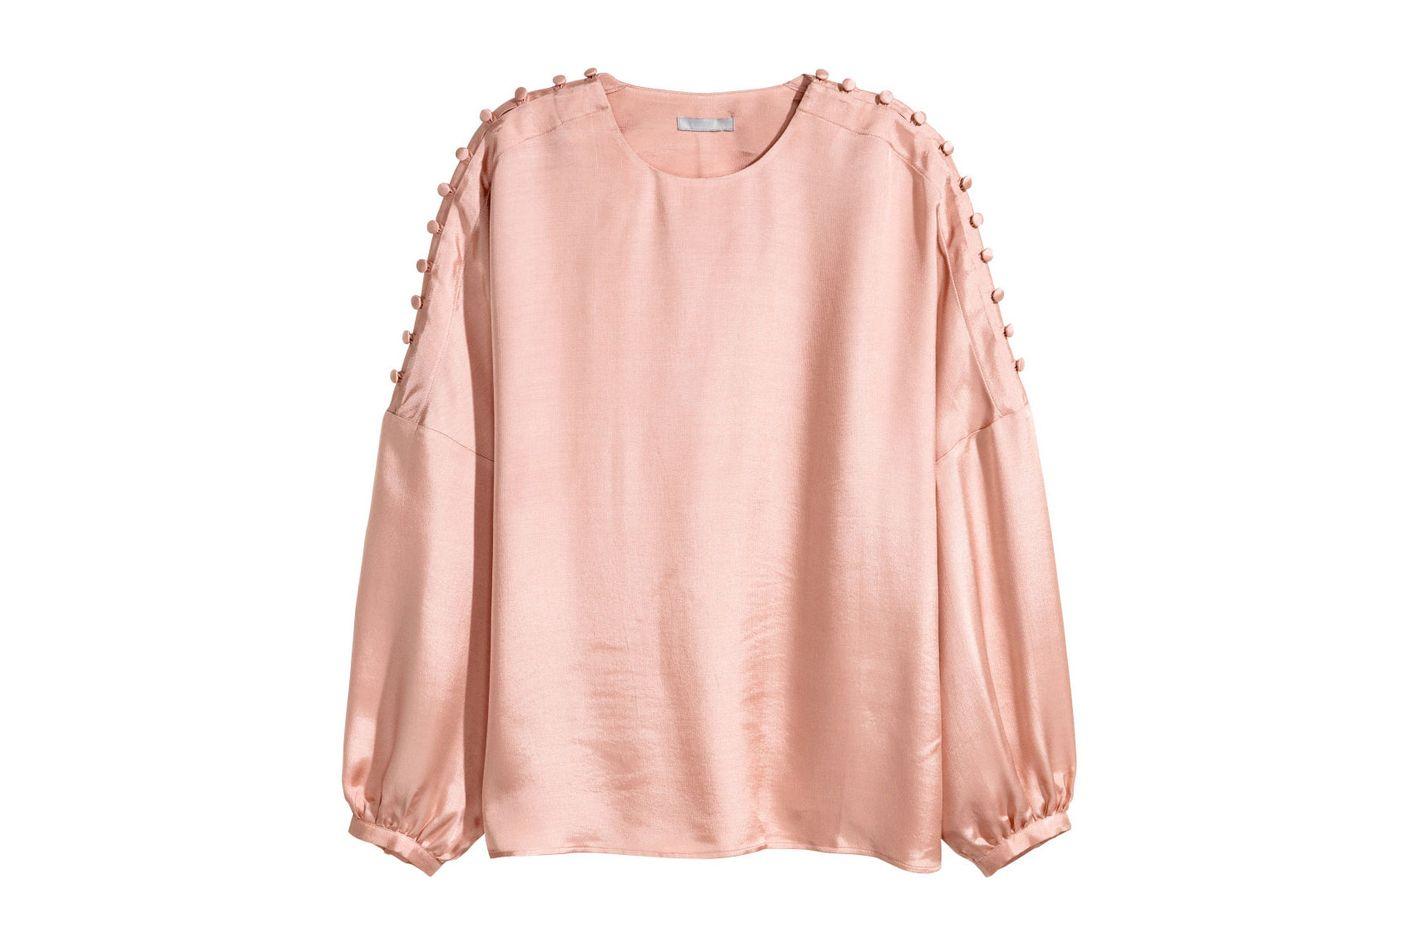 H&M Modal Blouse